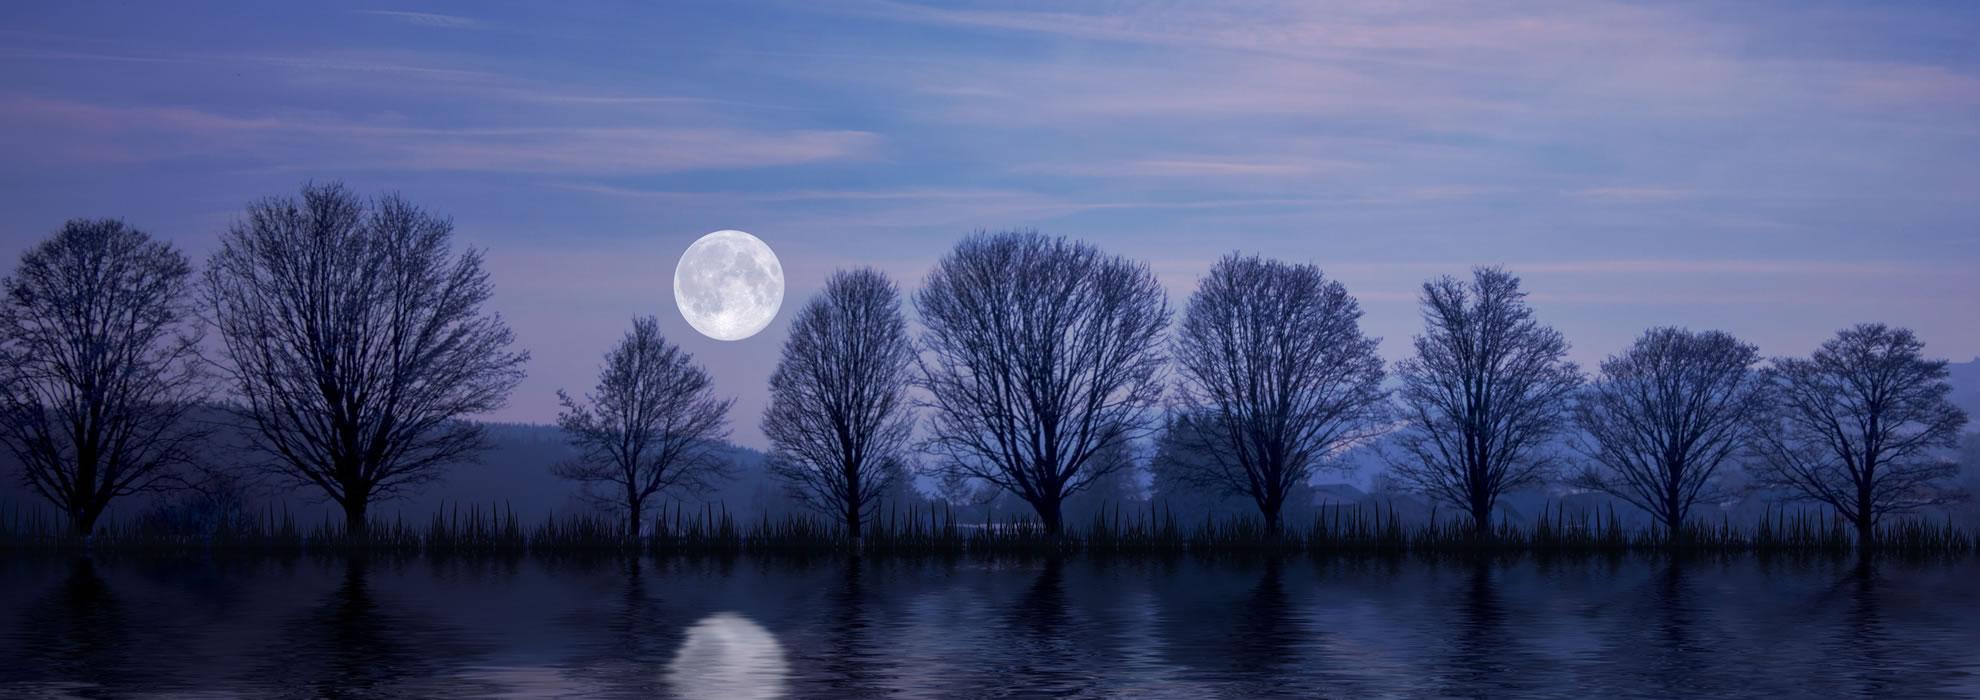 Mondphasen Vollmond